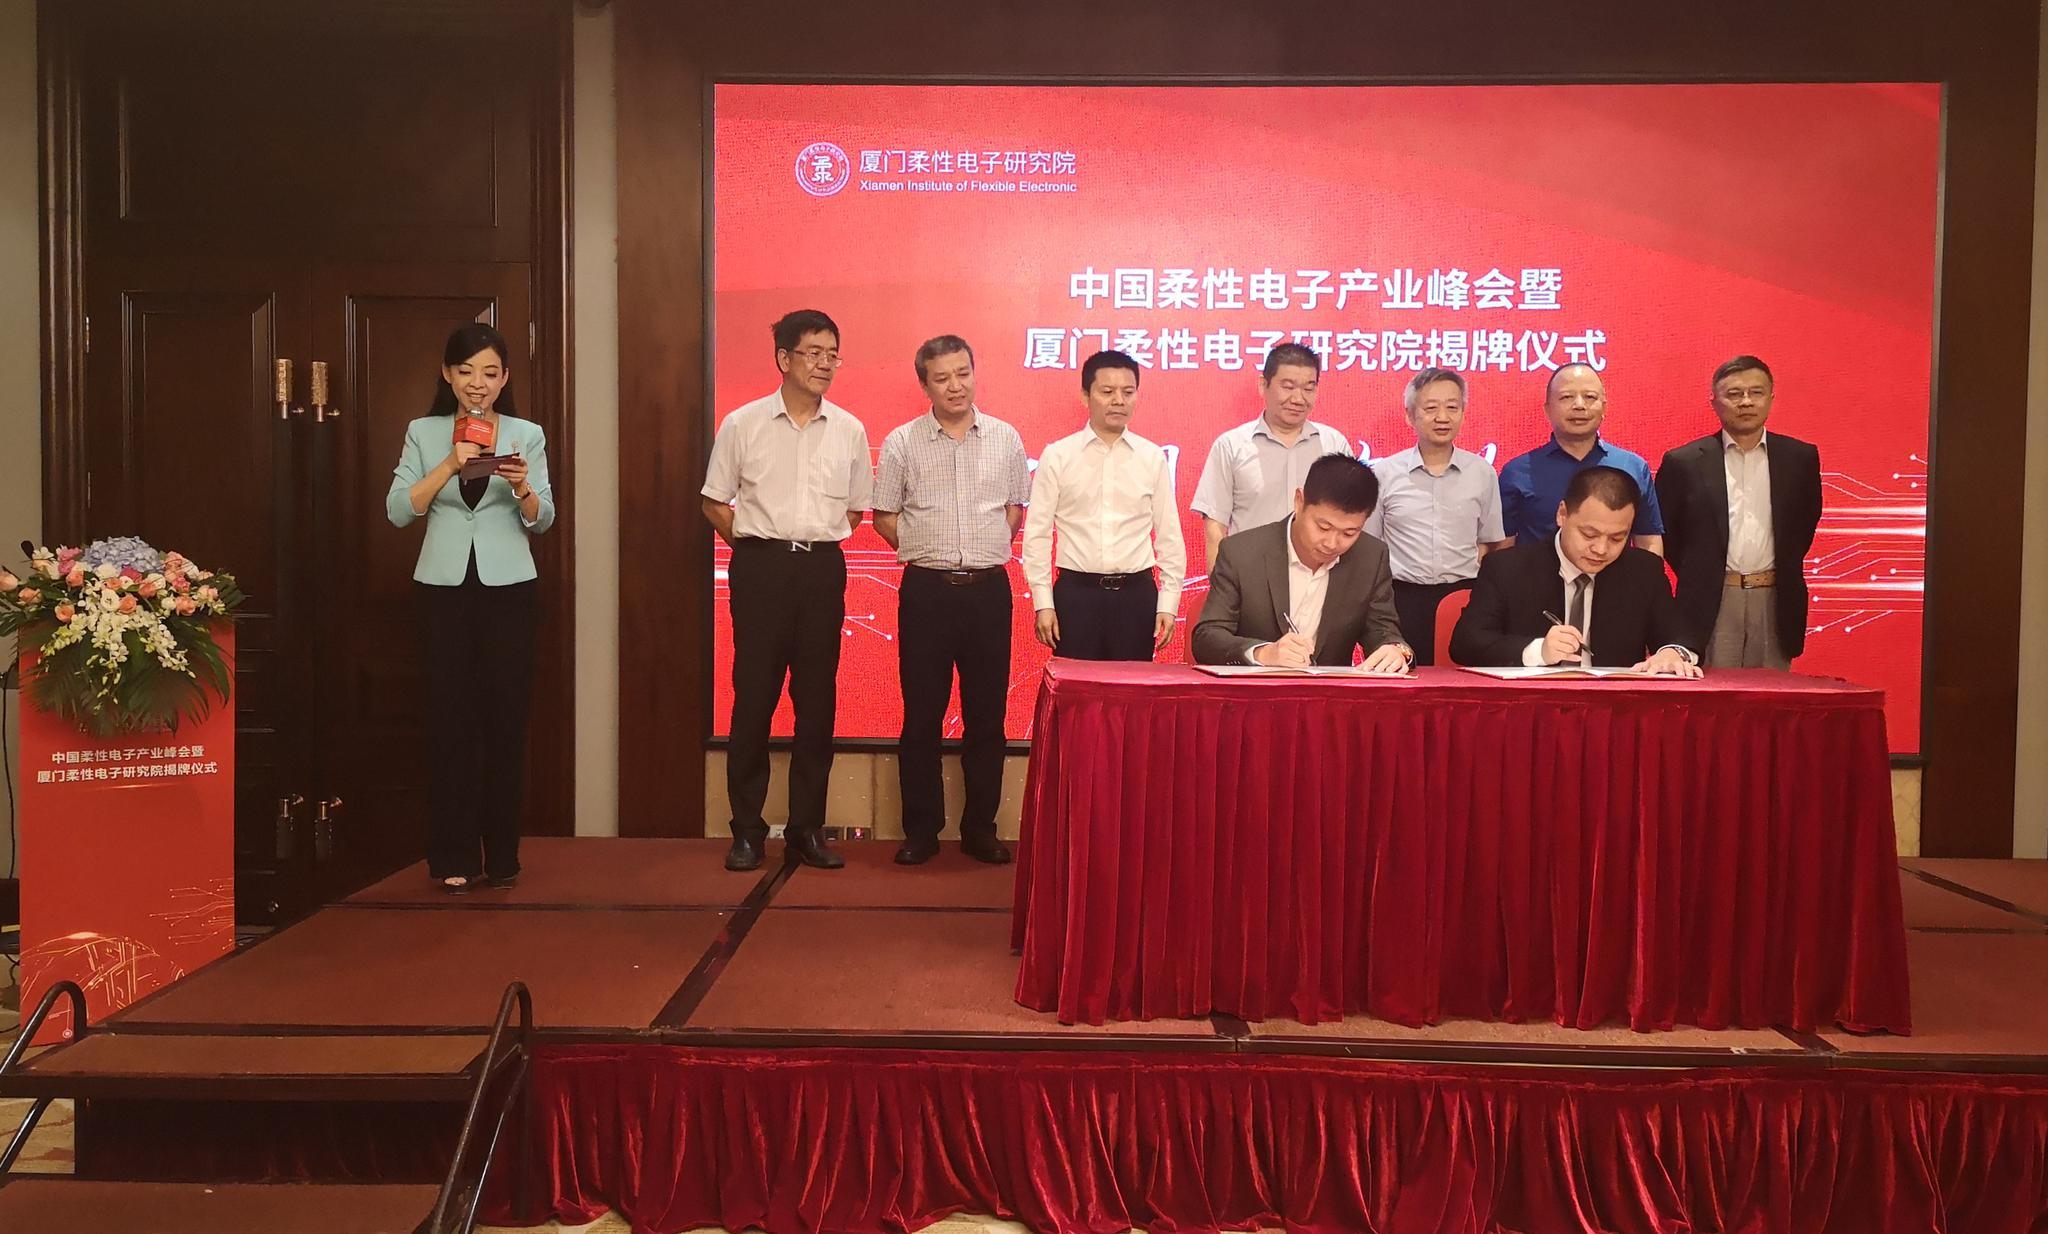 中国柔性电子产业峰会在厦举行  揭牌成立柔性电子研究院